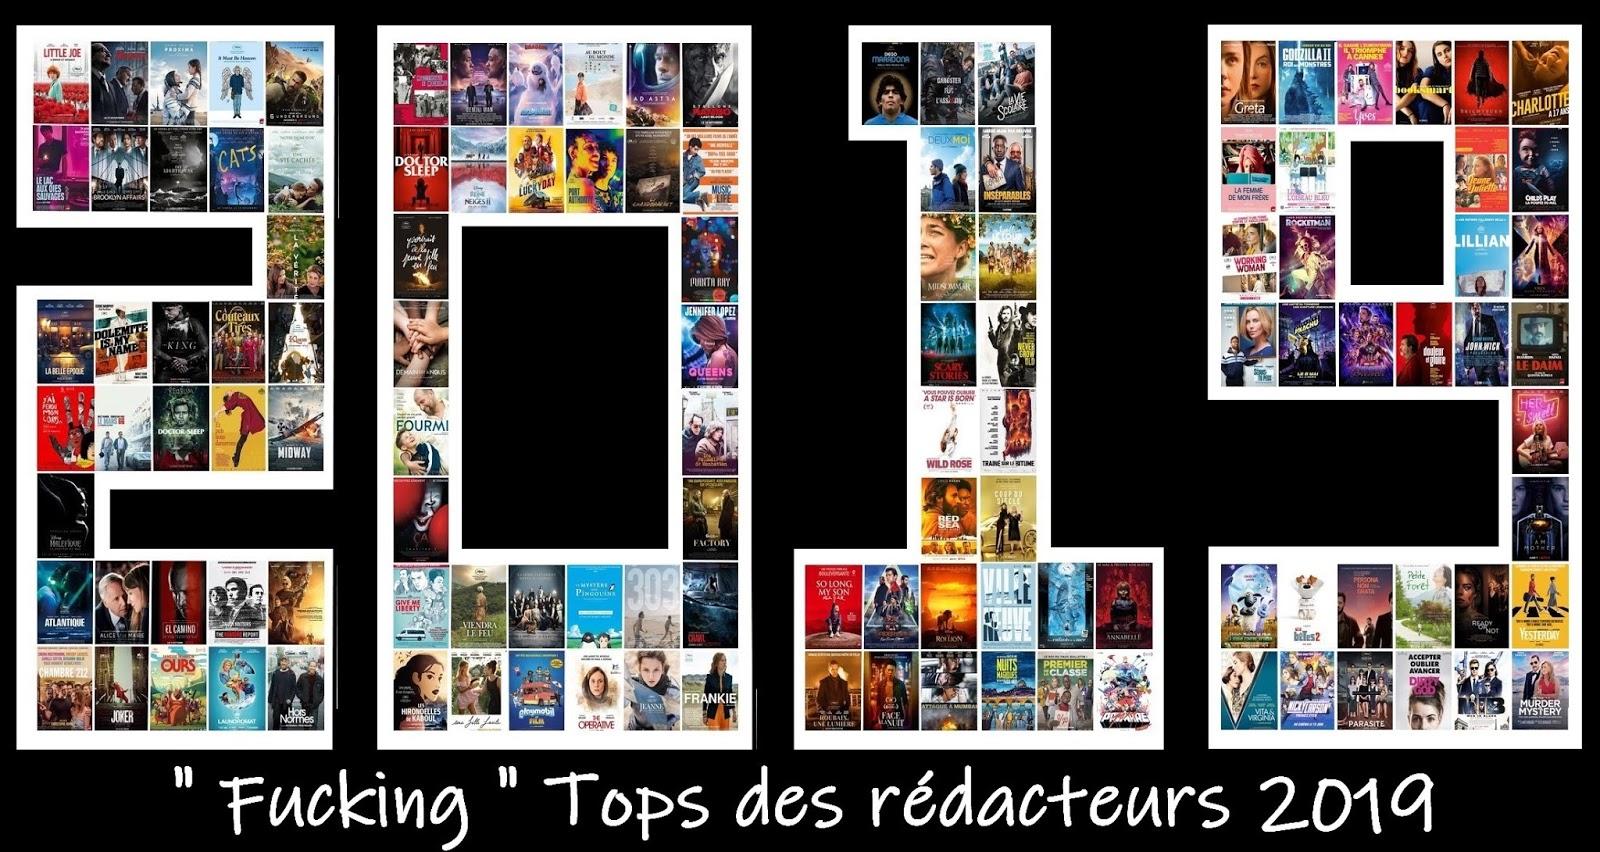 Bilan Ciné 2019 (Tops + avis commentés)